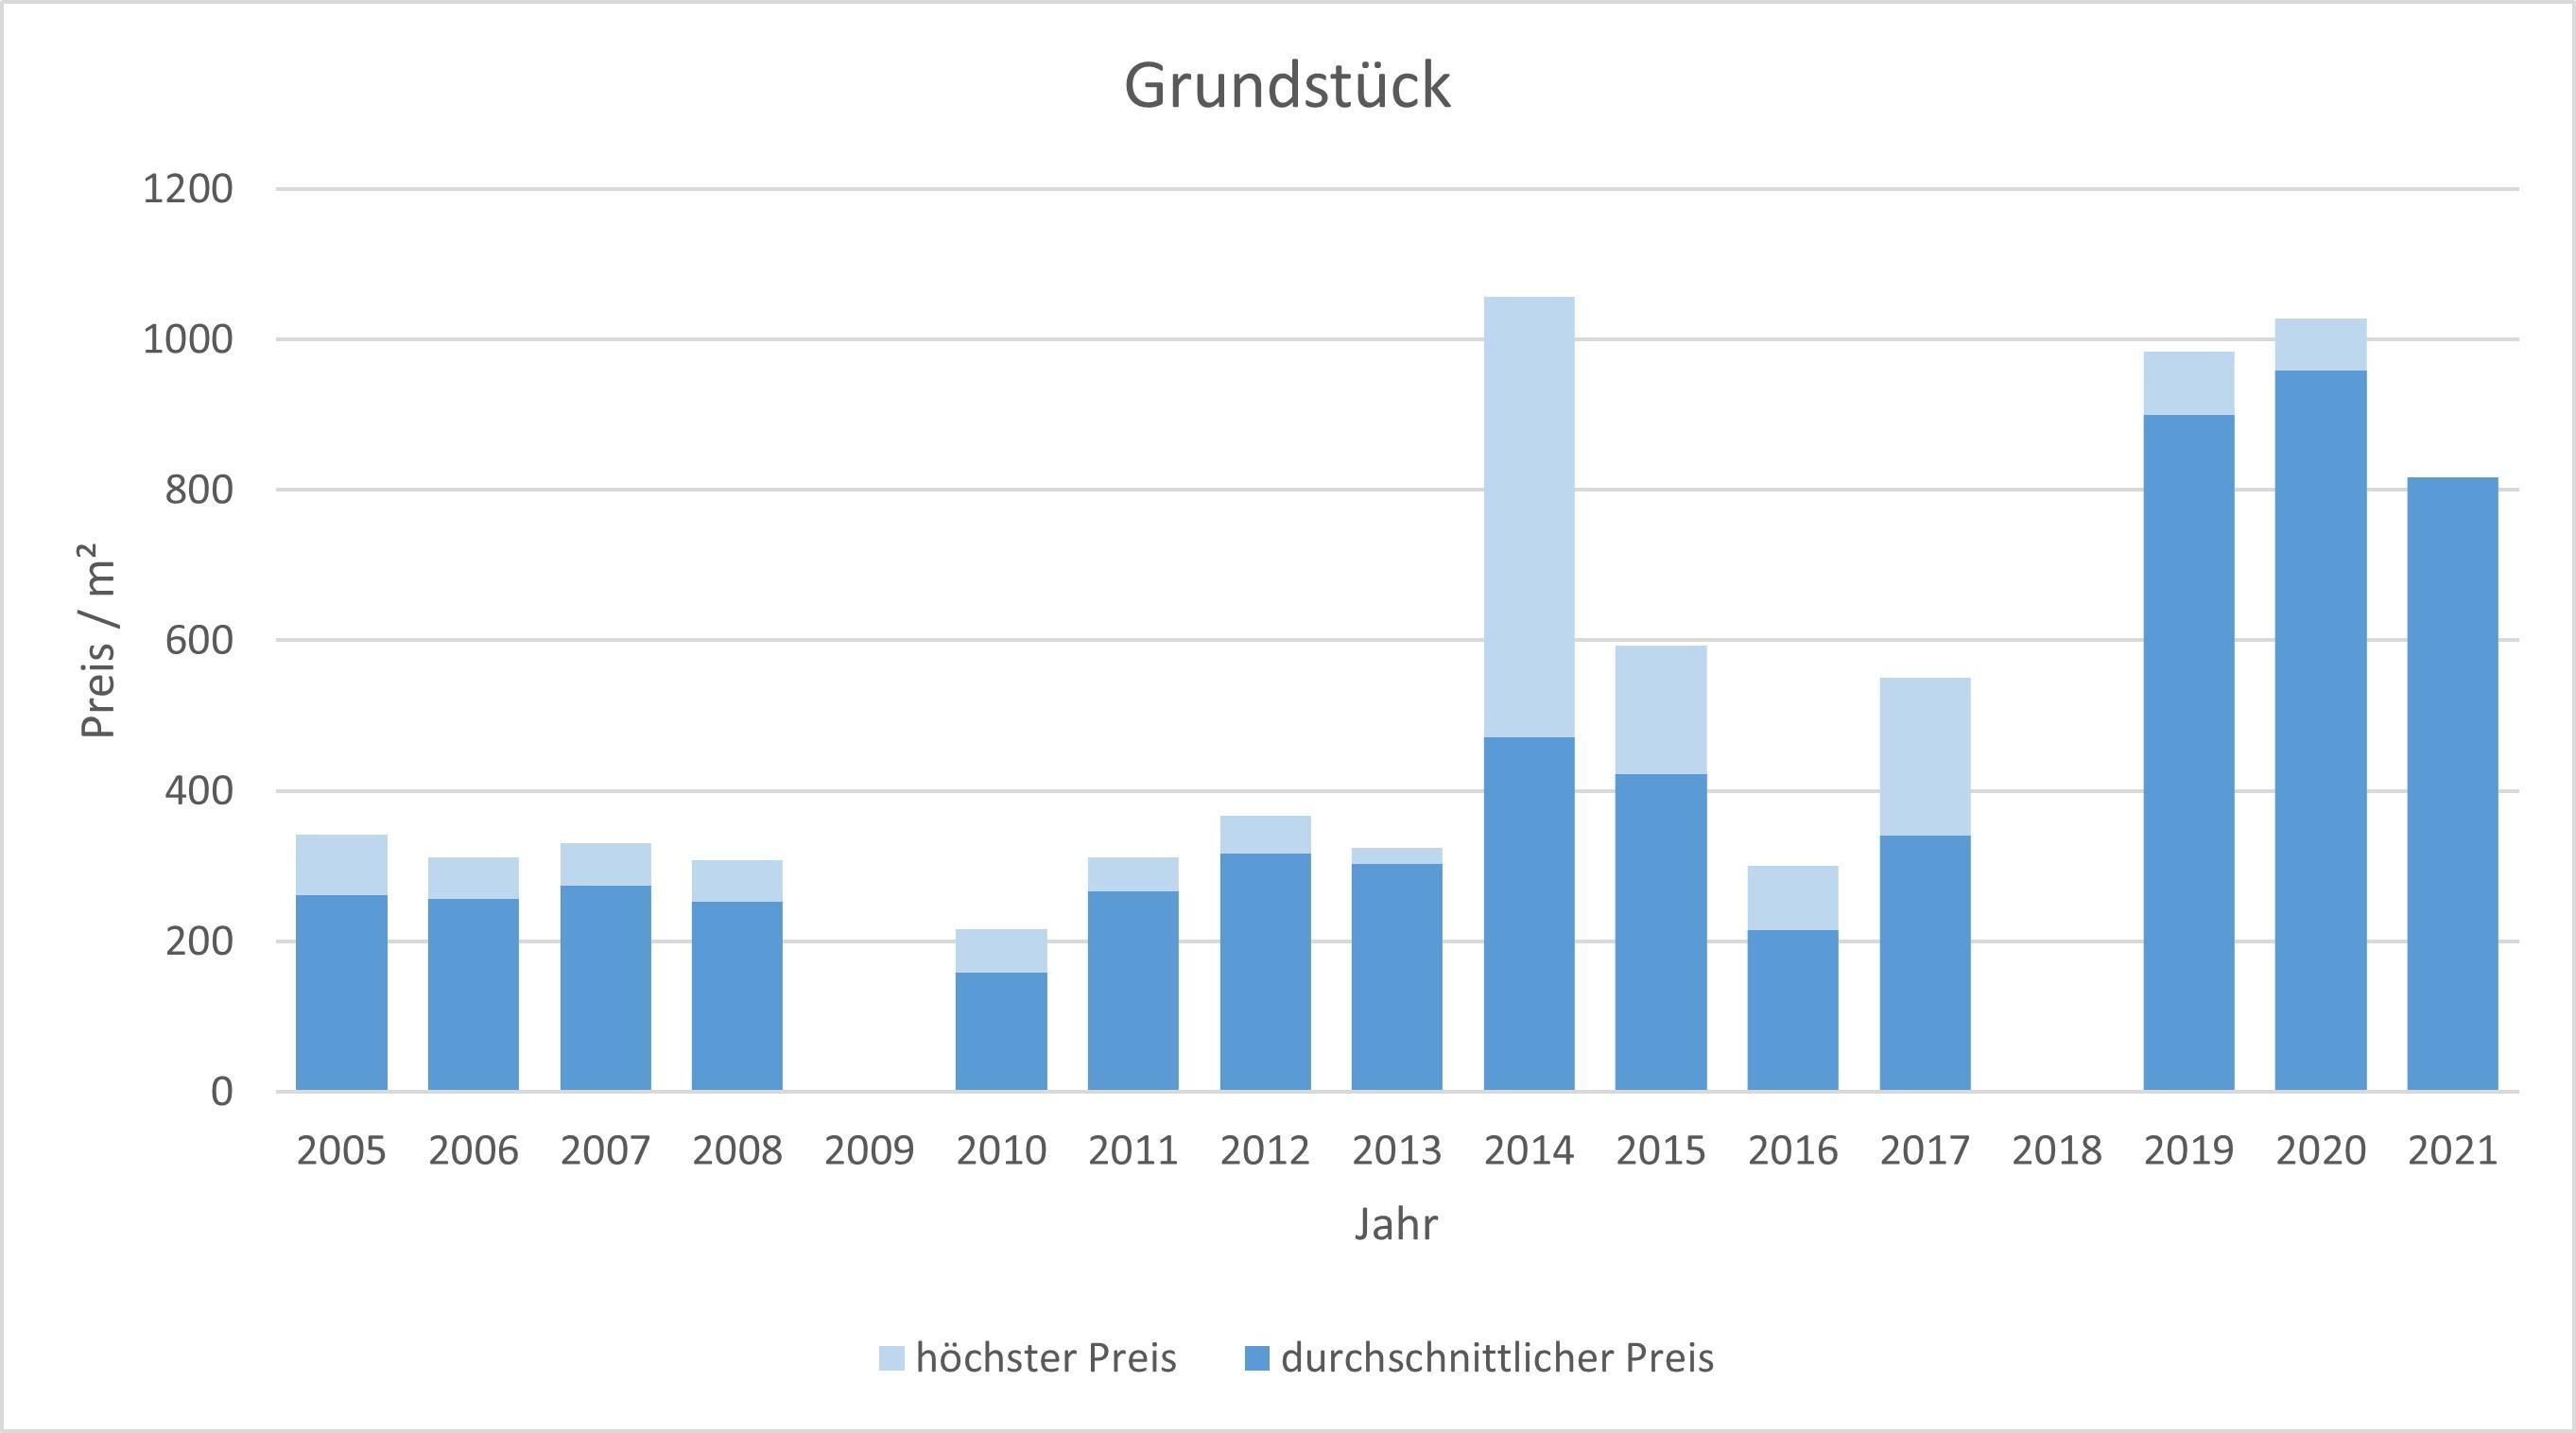 Aßling Makler Grundstück Kaufen Verkaufen Preis Bewertung 2019, 2020, 2021